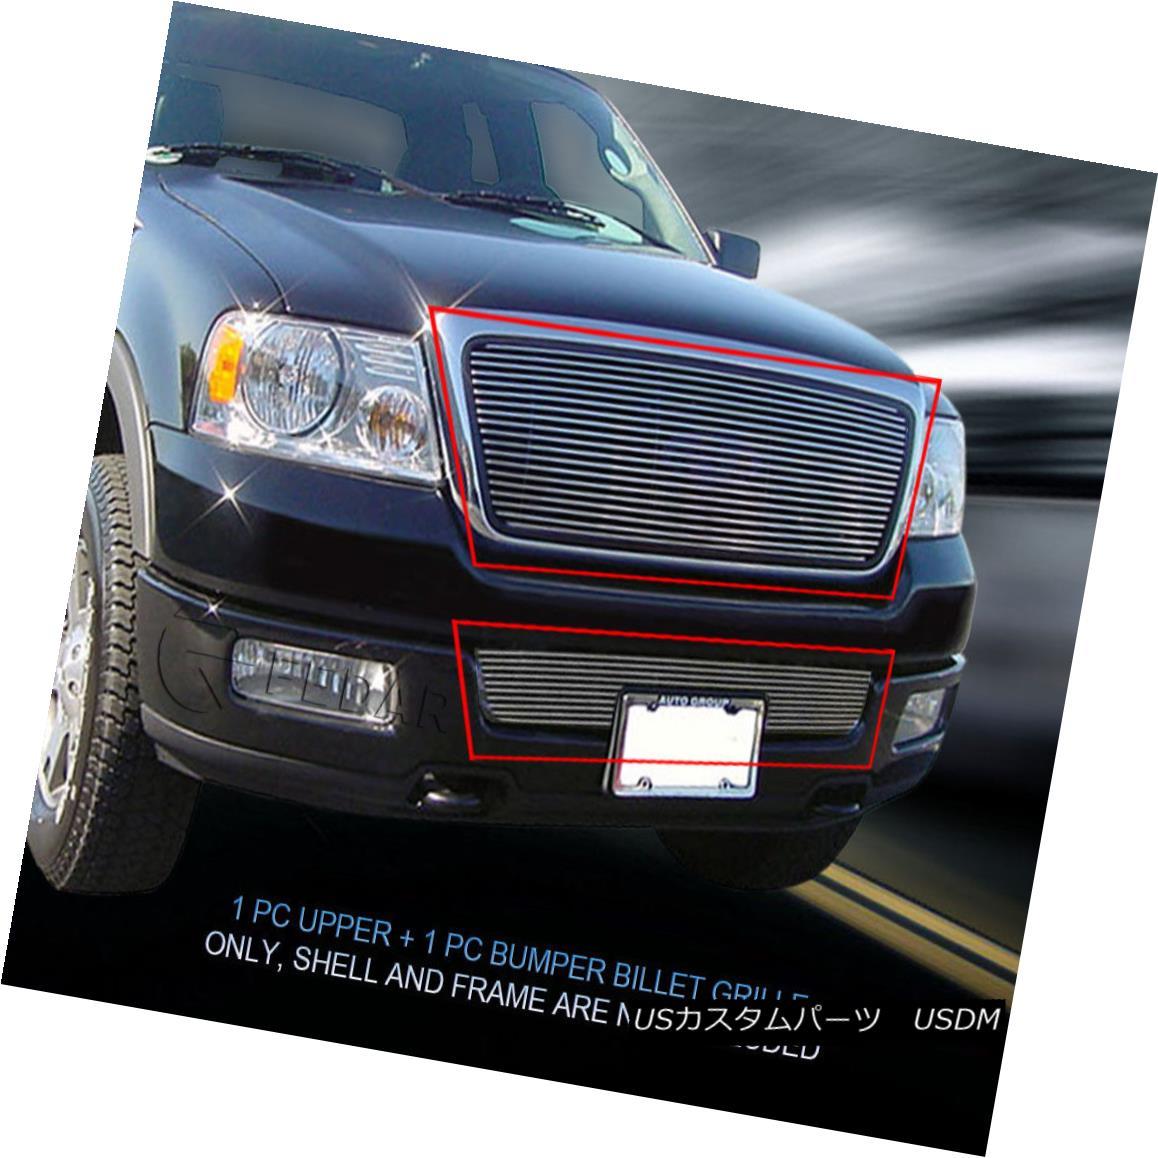 グリル 04 05 Ford F-150 F150 Billet Grille Grill 2 Pcs Combo Insert Fedar 04 05フォードF-150 F150ビレットグリルグリル2個入りコンボインサートFedar